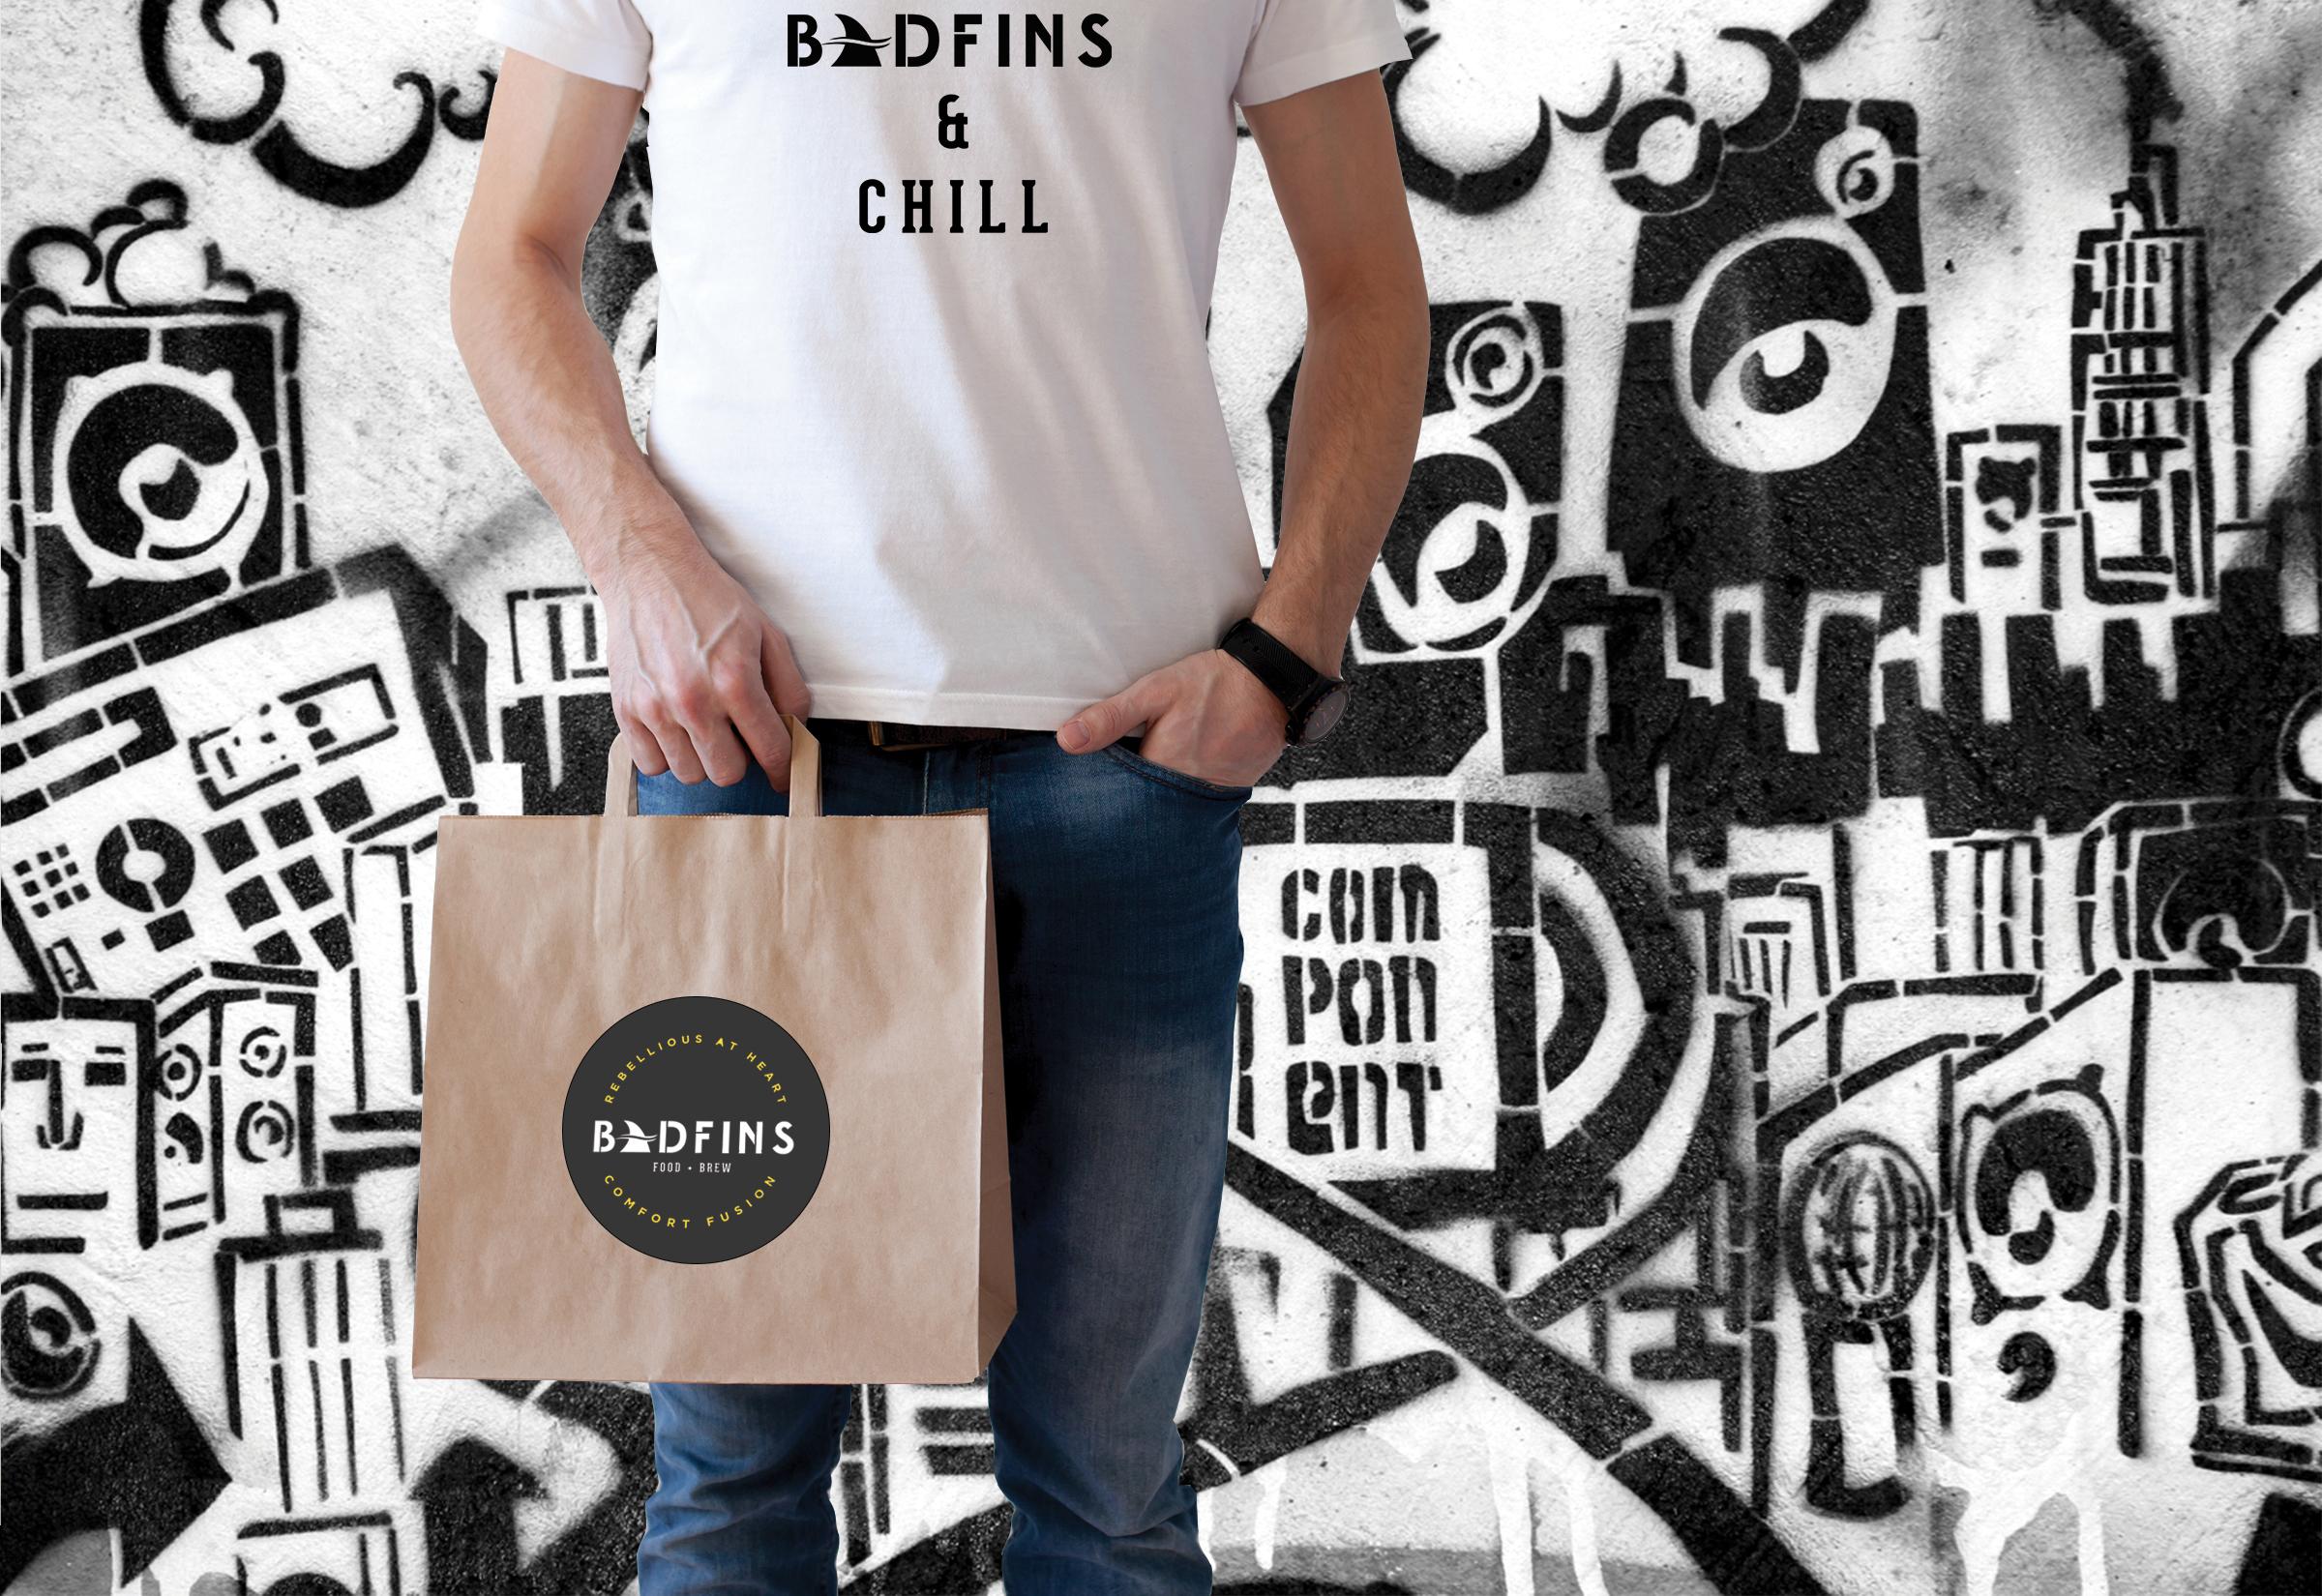 BADFINS